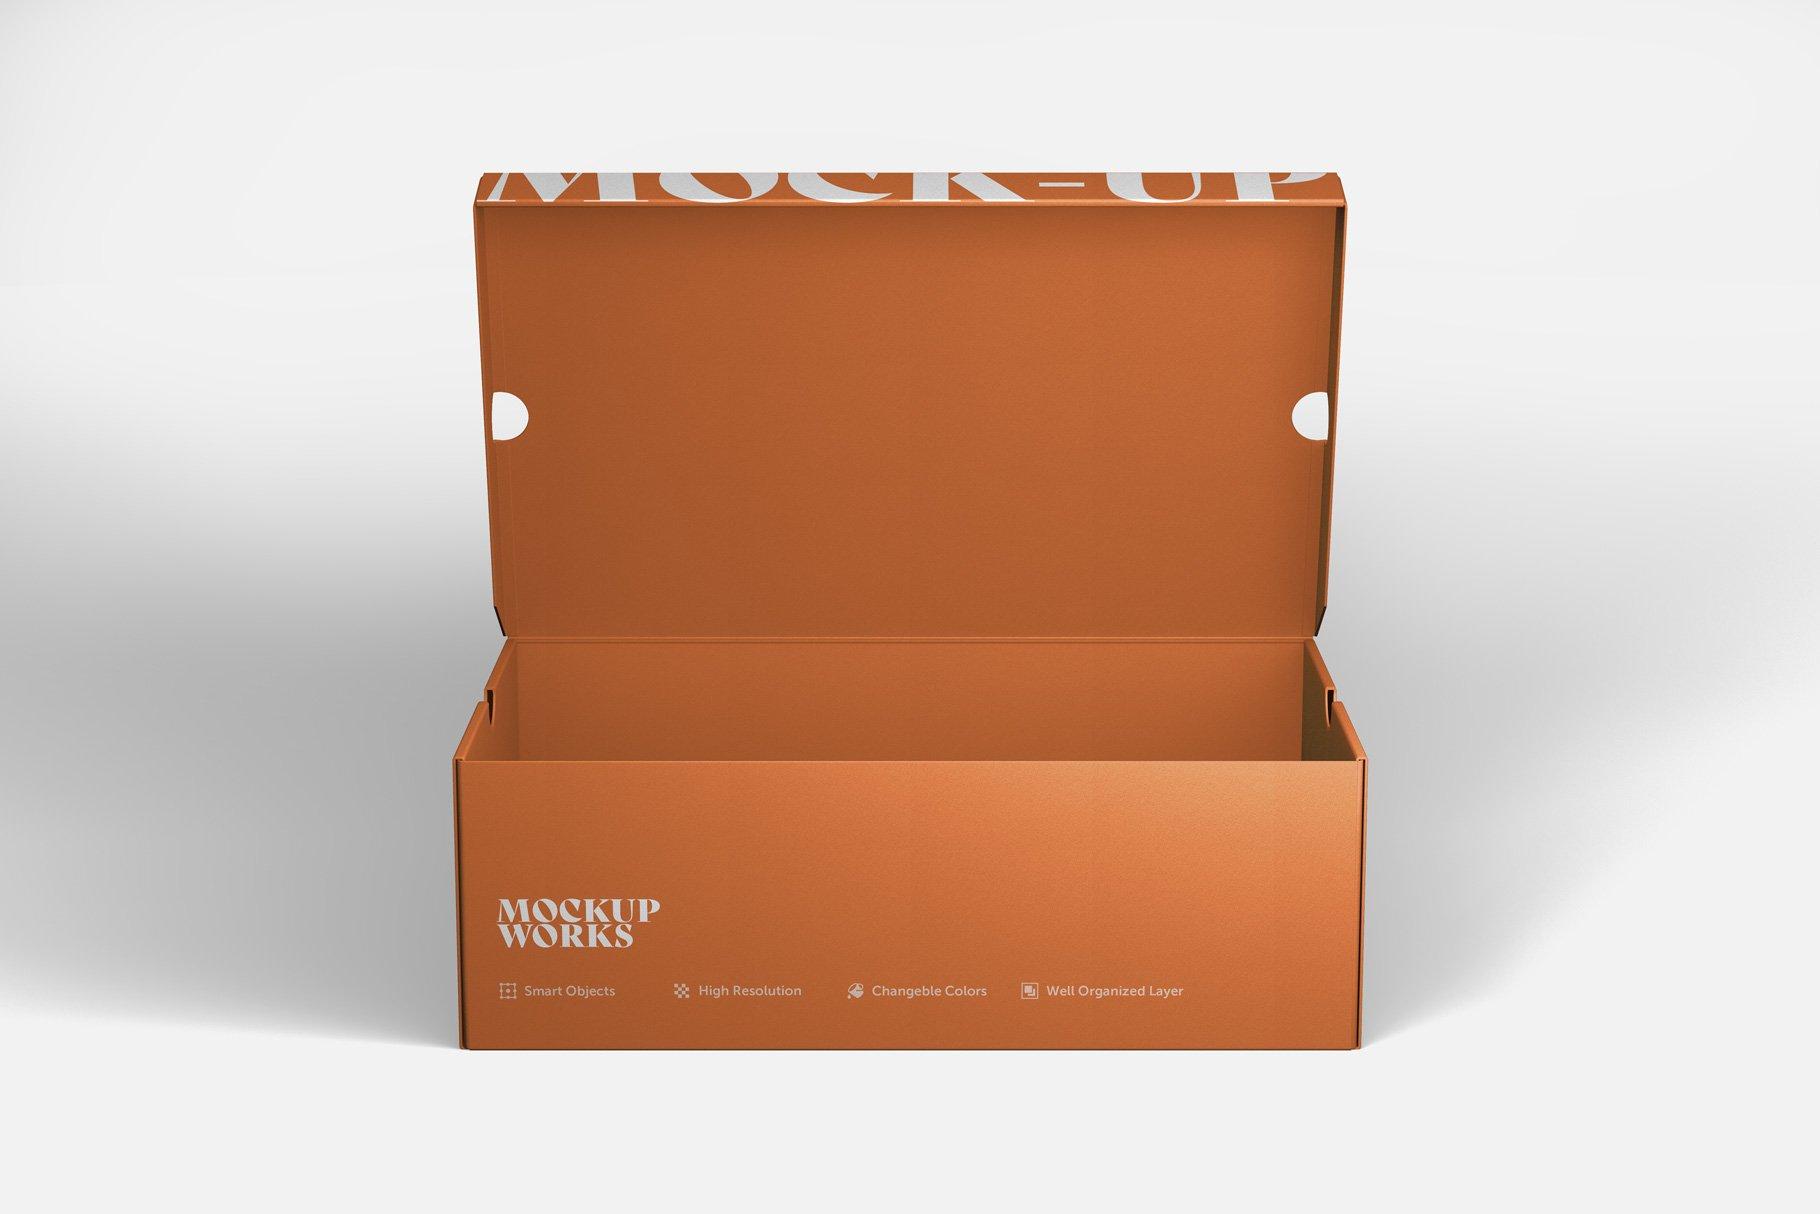 9款鞋盒包装纸盒设计展示样机 Shoe Box Mockup插图6